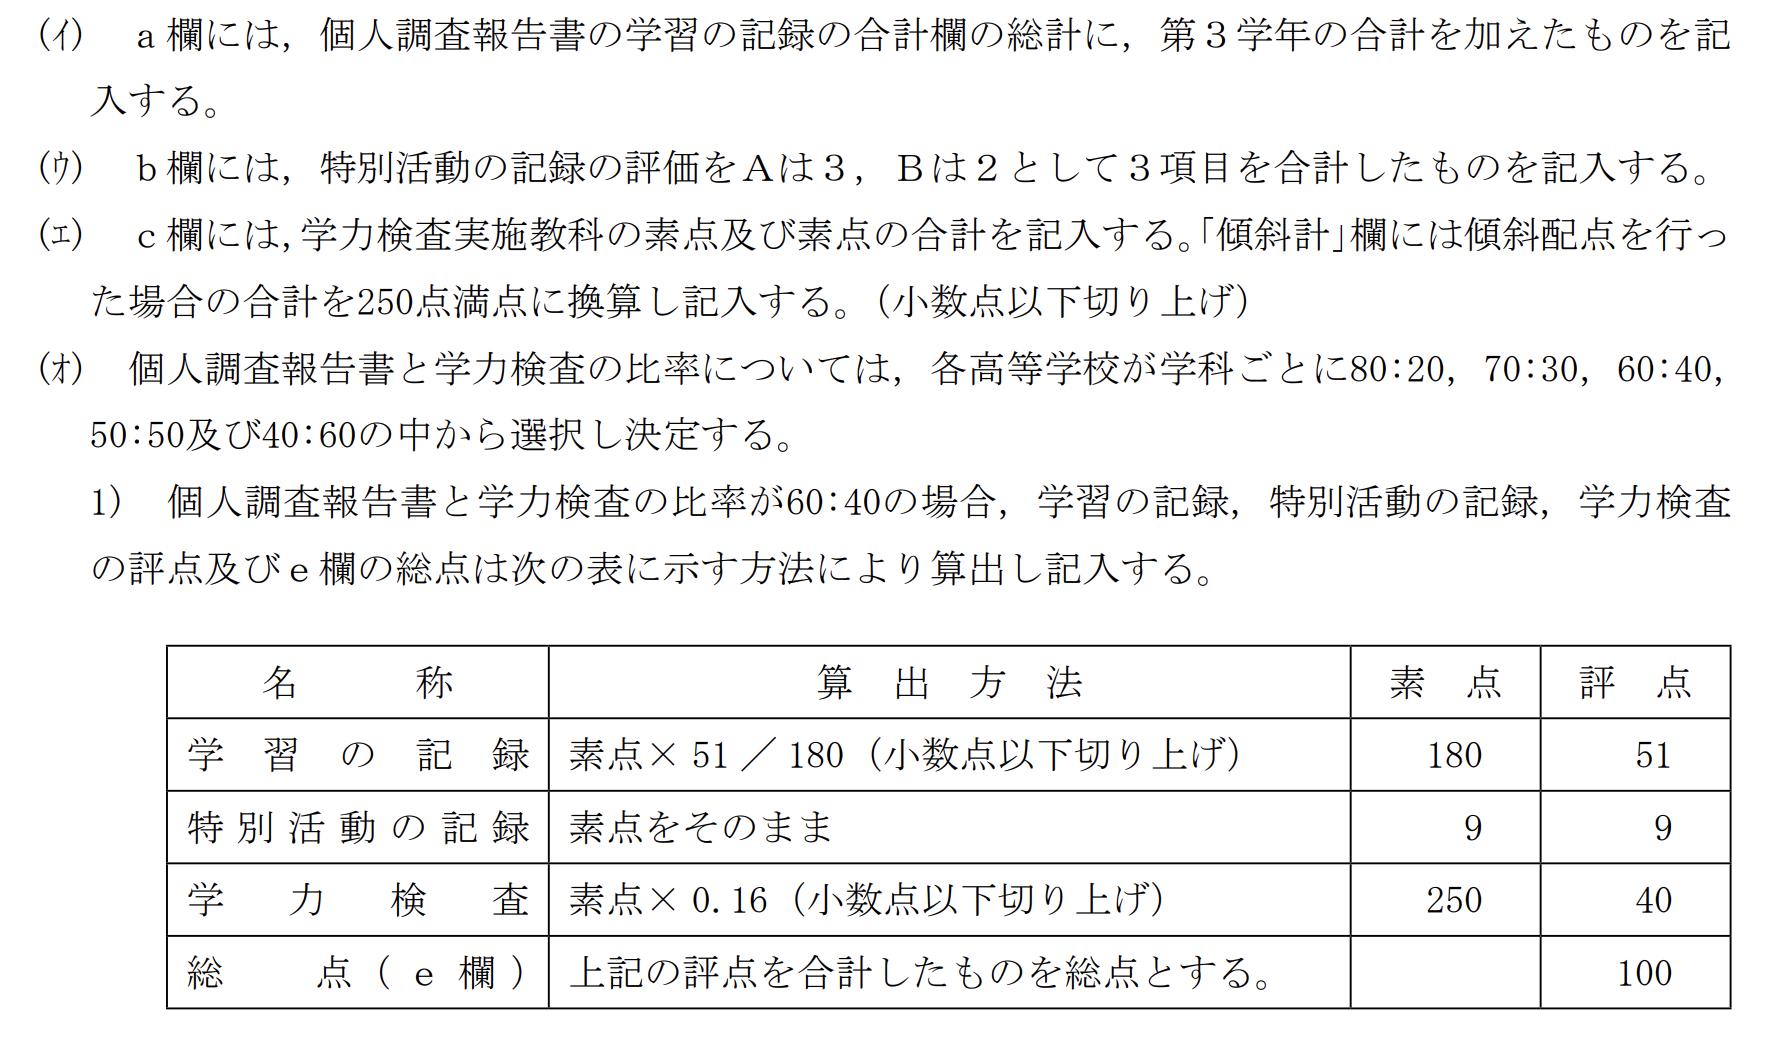 島根県公立高校入試制度1